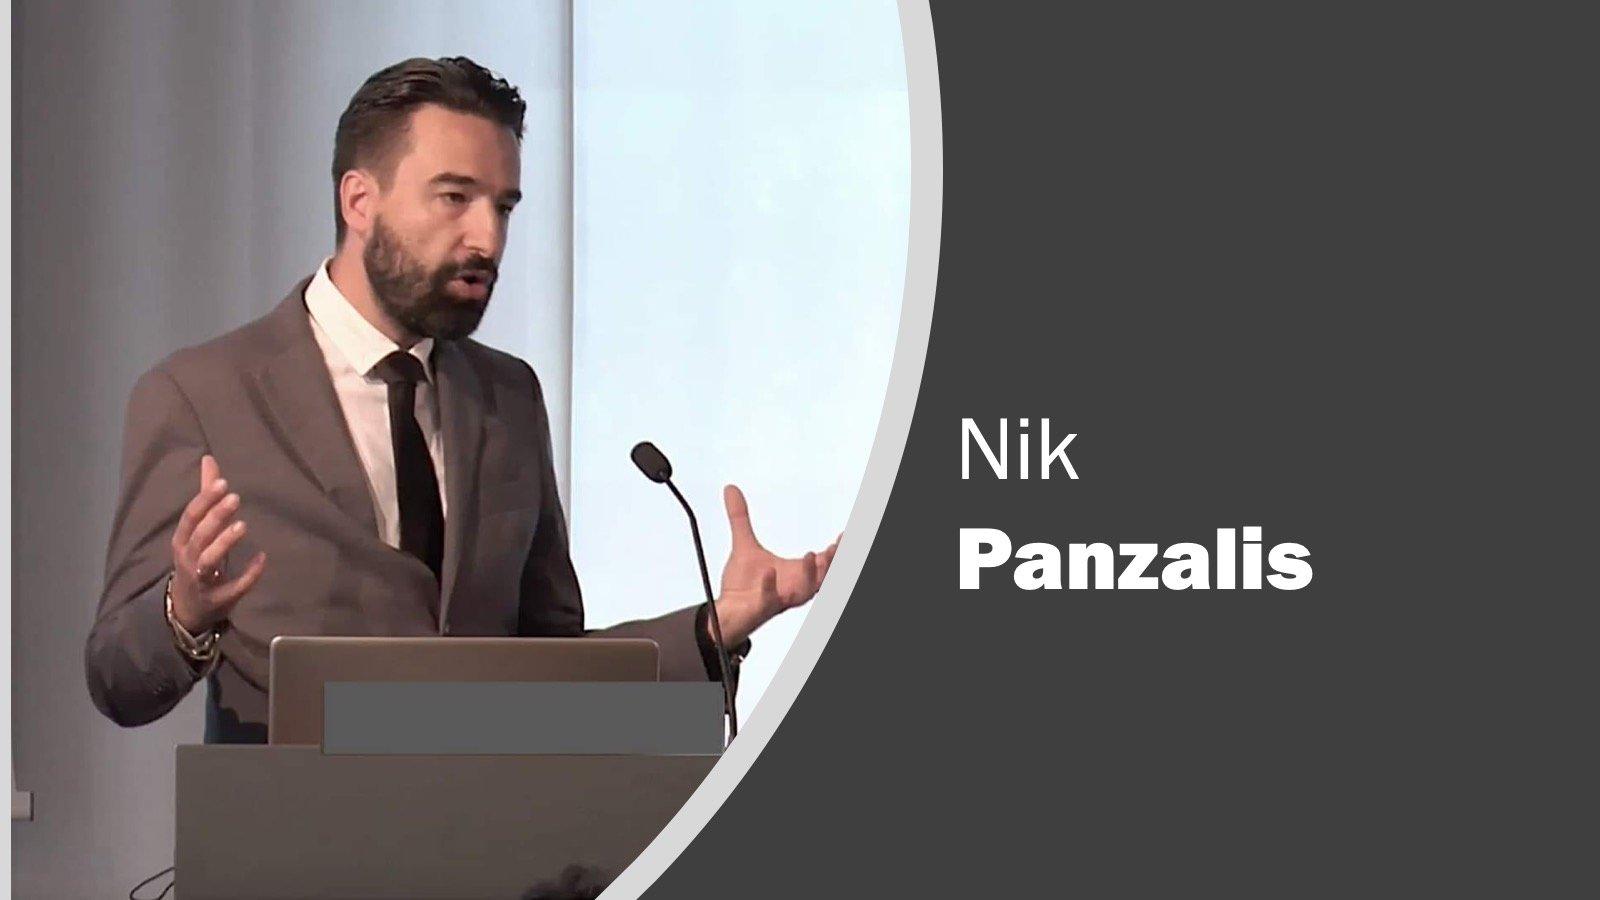 nik_panzalis